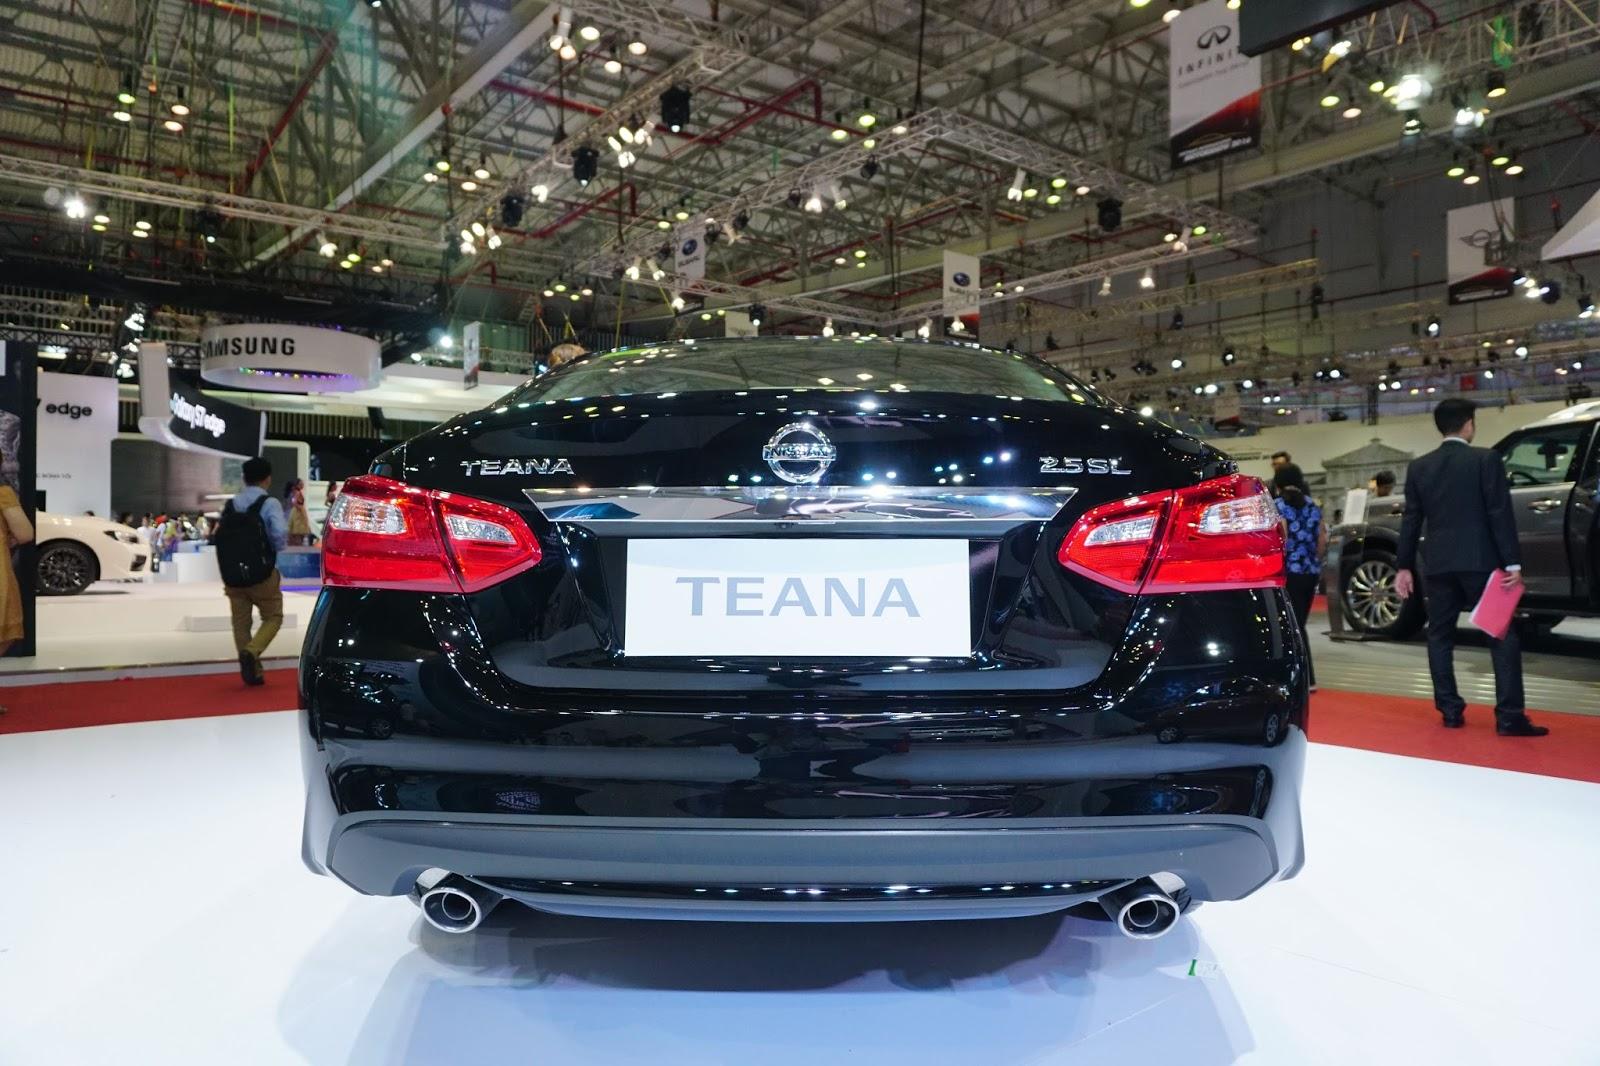 Đuôi xe của Nissan Teana 2017 vẫn chưa tạo được dấu ấn